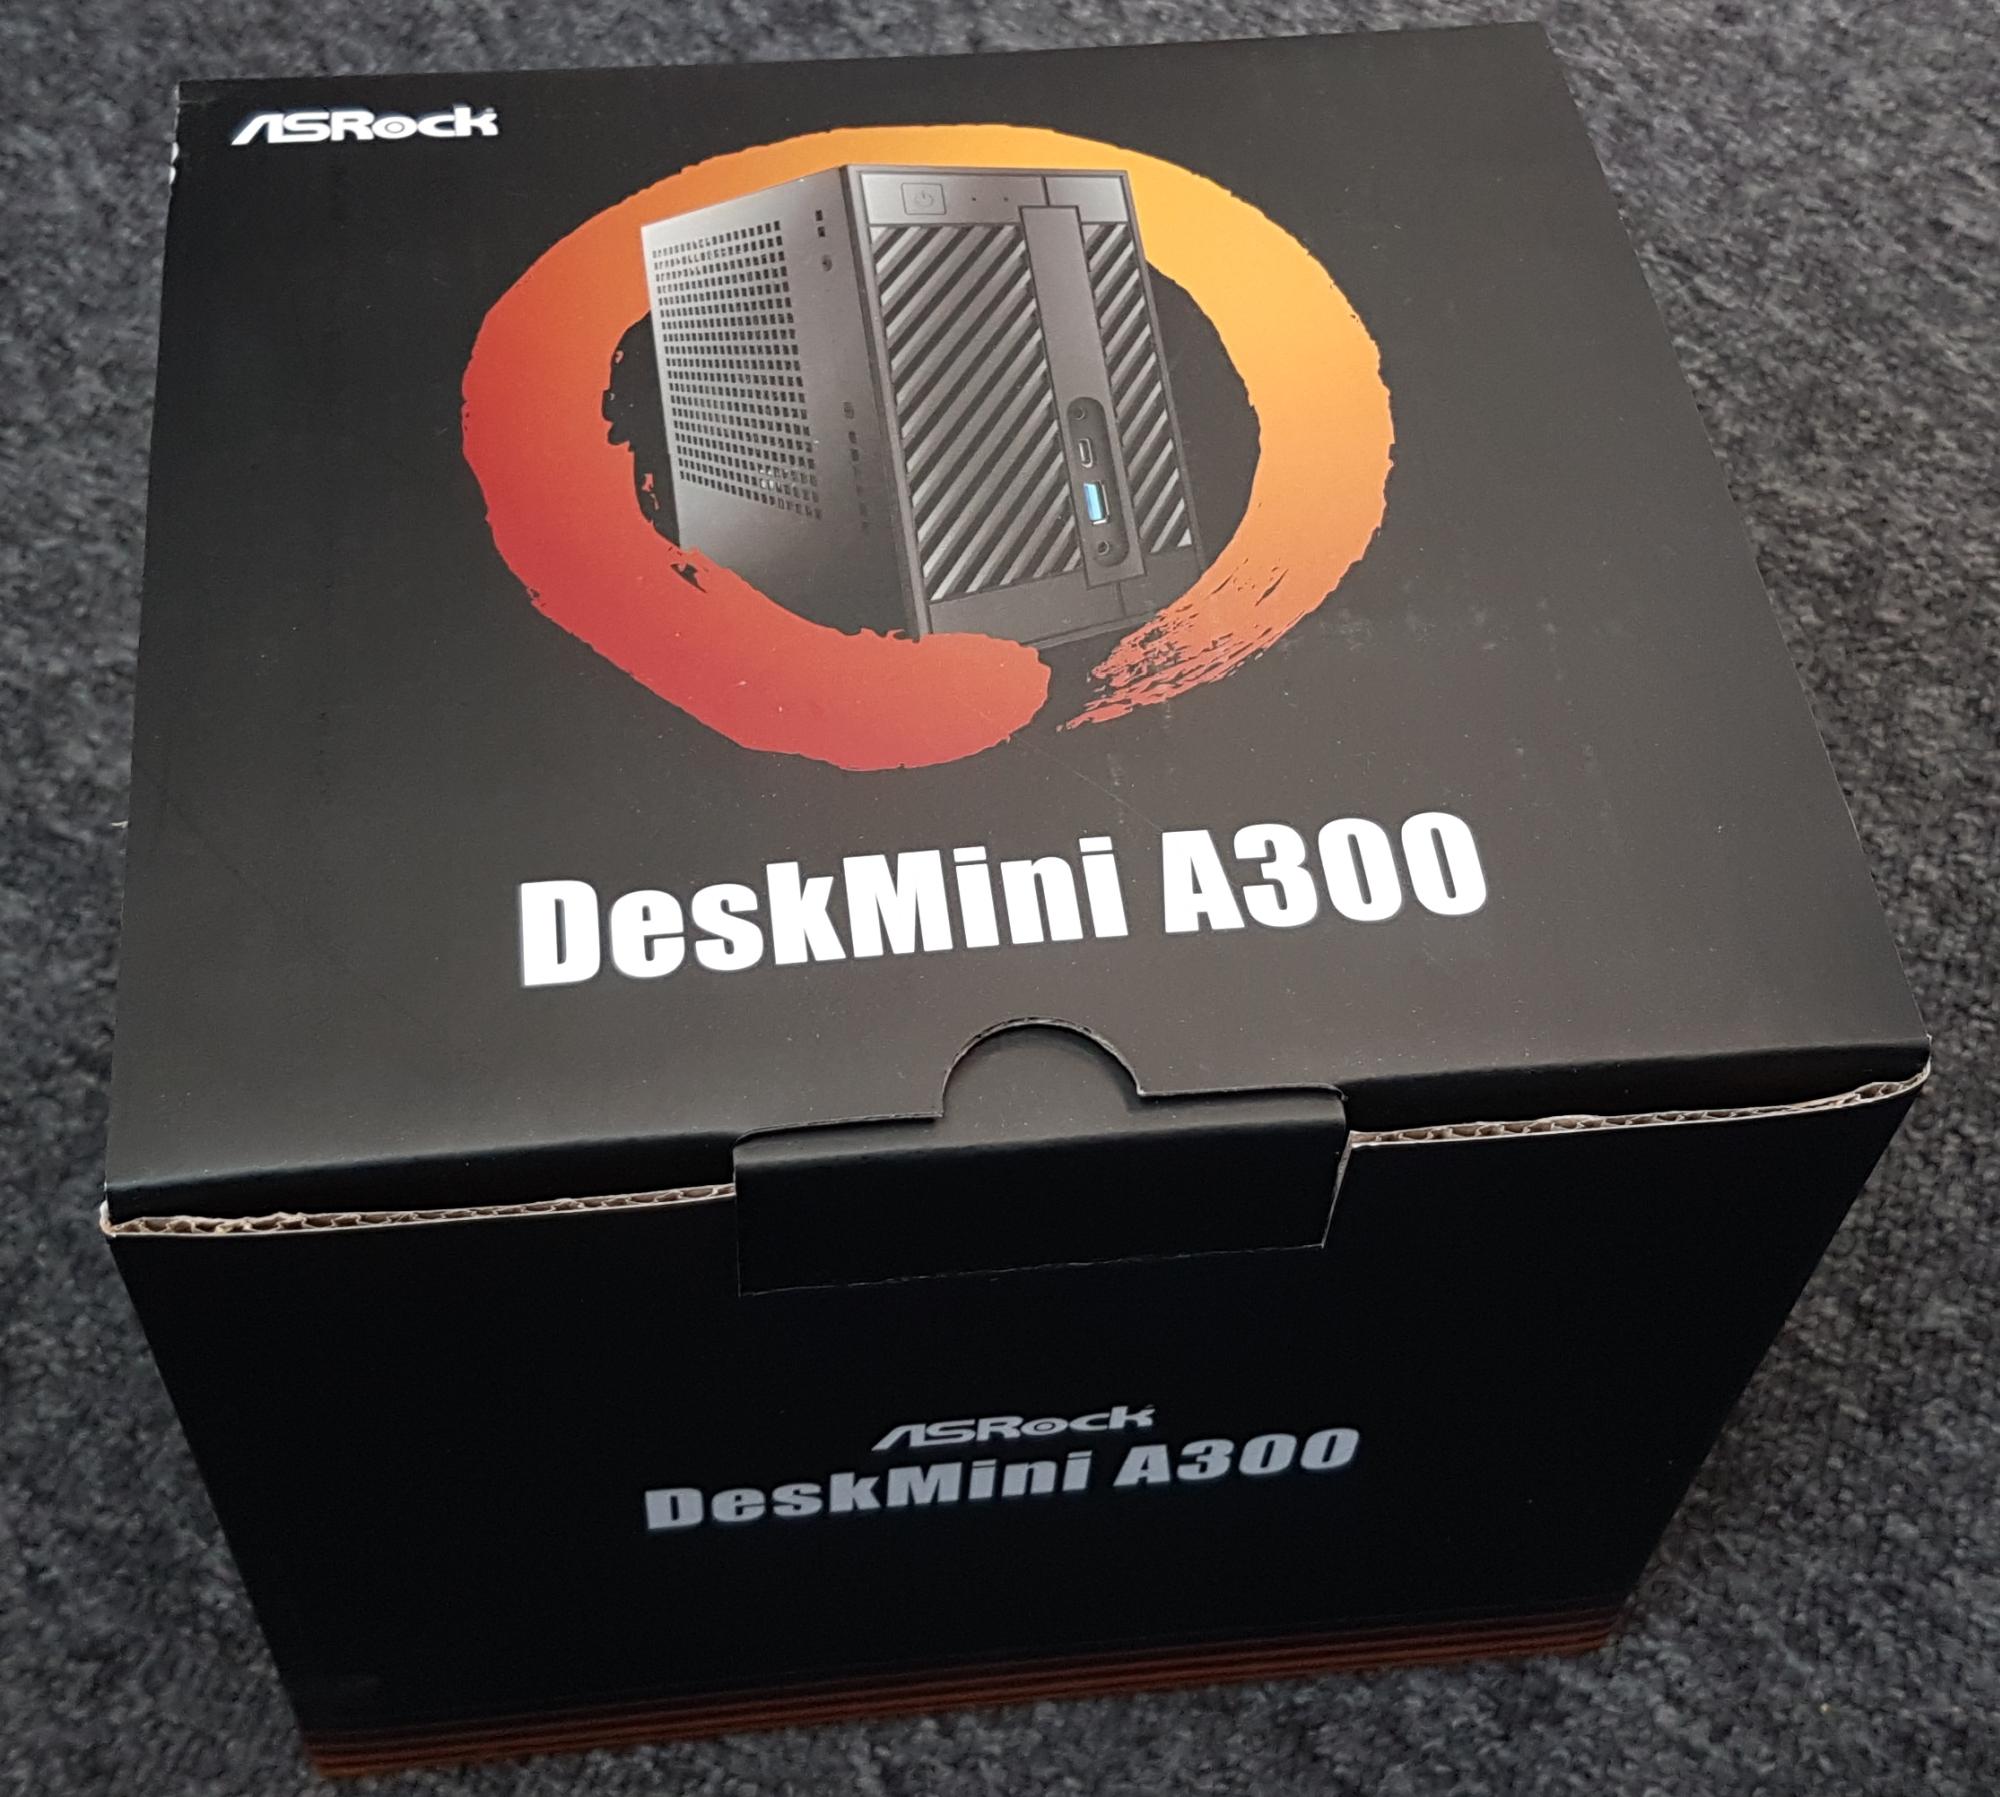 RECENZE: ASRock DeskMini A300 - AM4 v malé krabičce - Představení